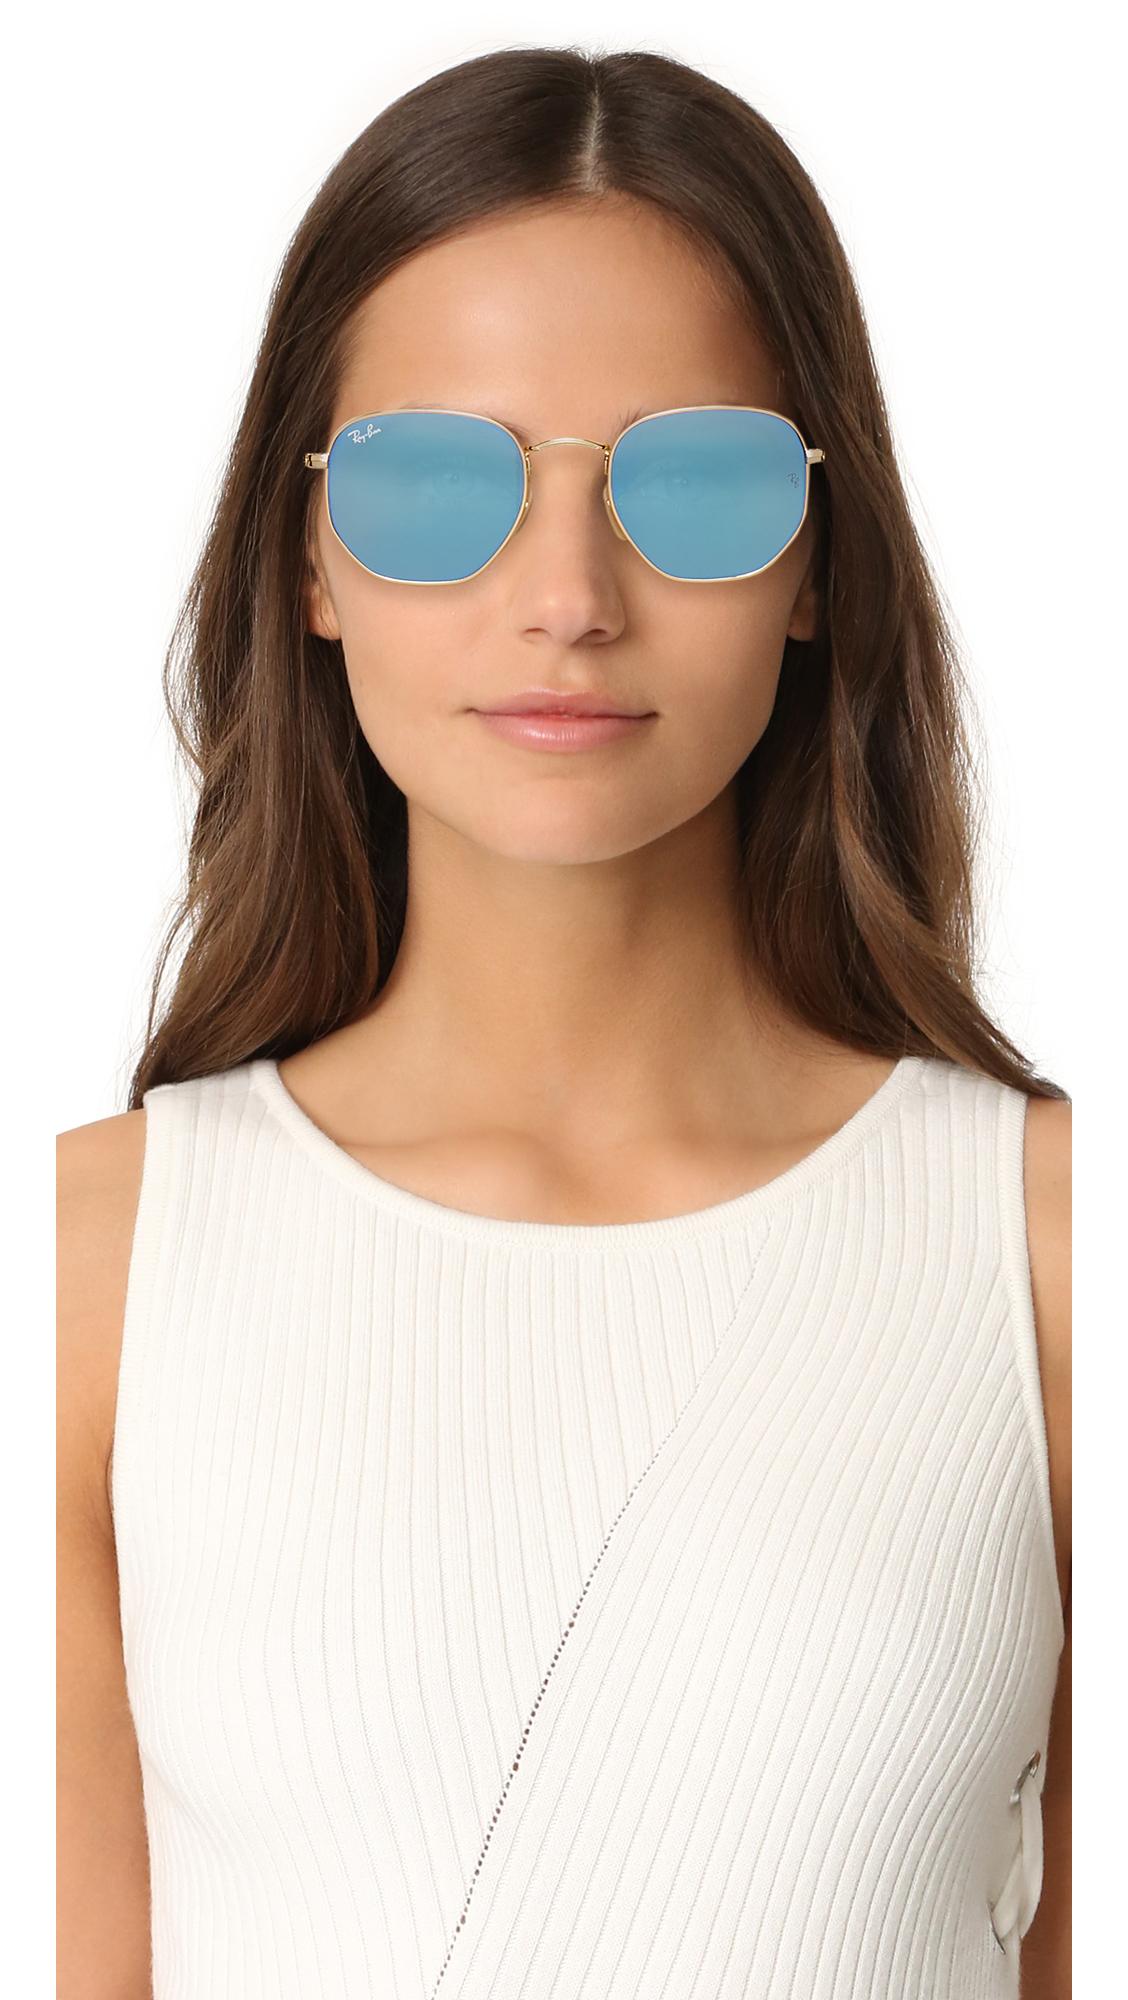 9d41c9d222a Ray-Ban RB3548N Hexagonal Mirrored Sunglasses